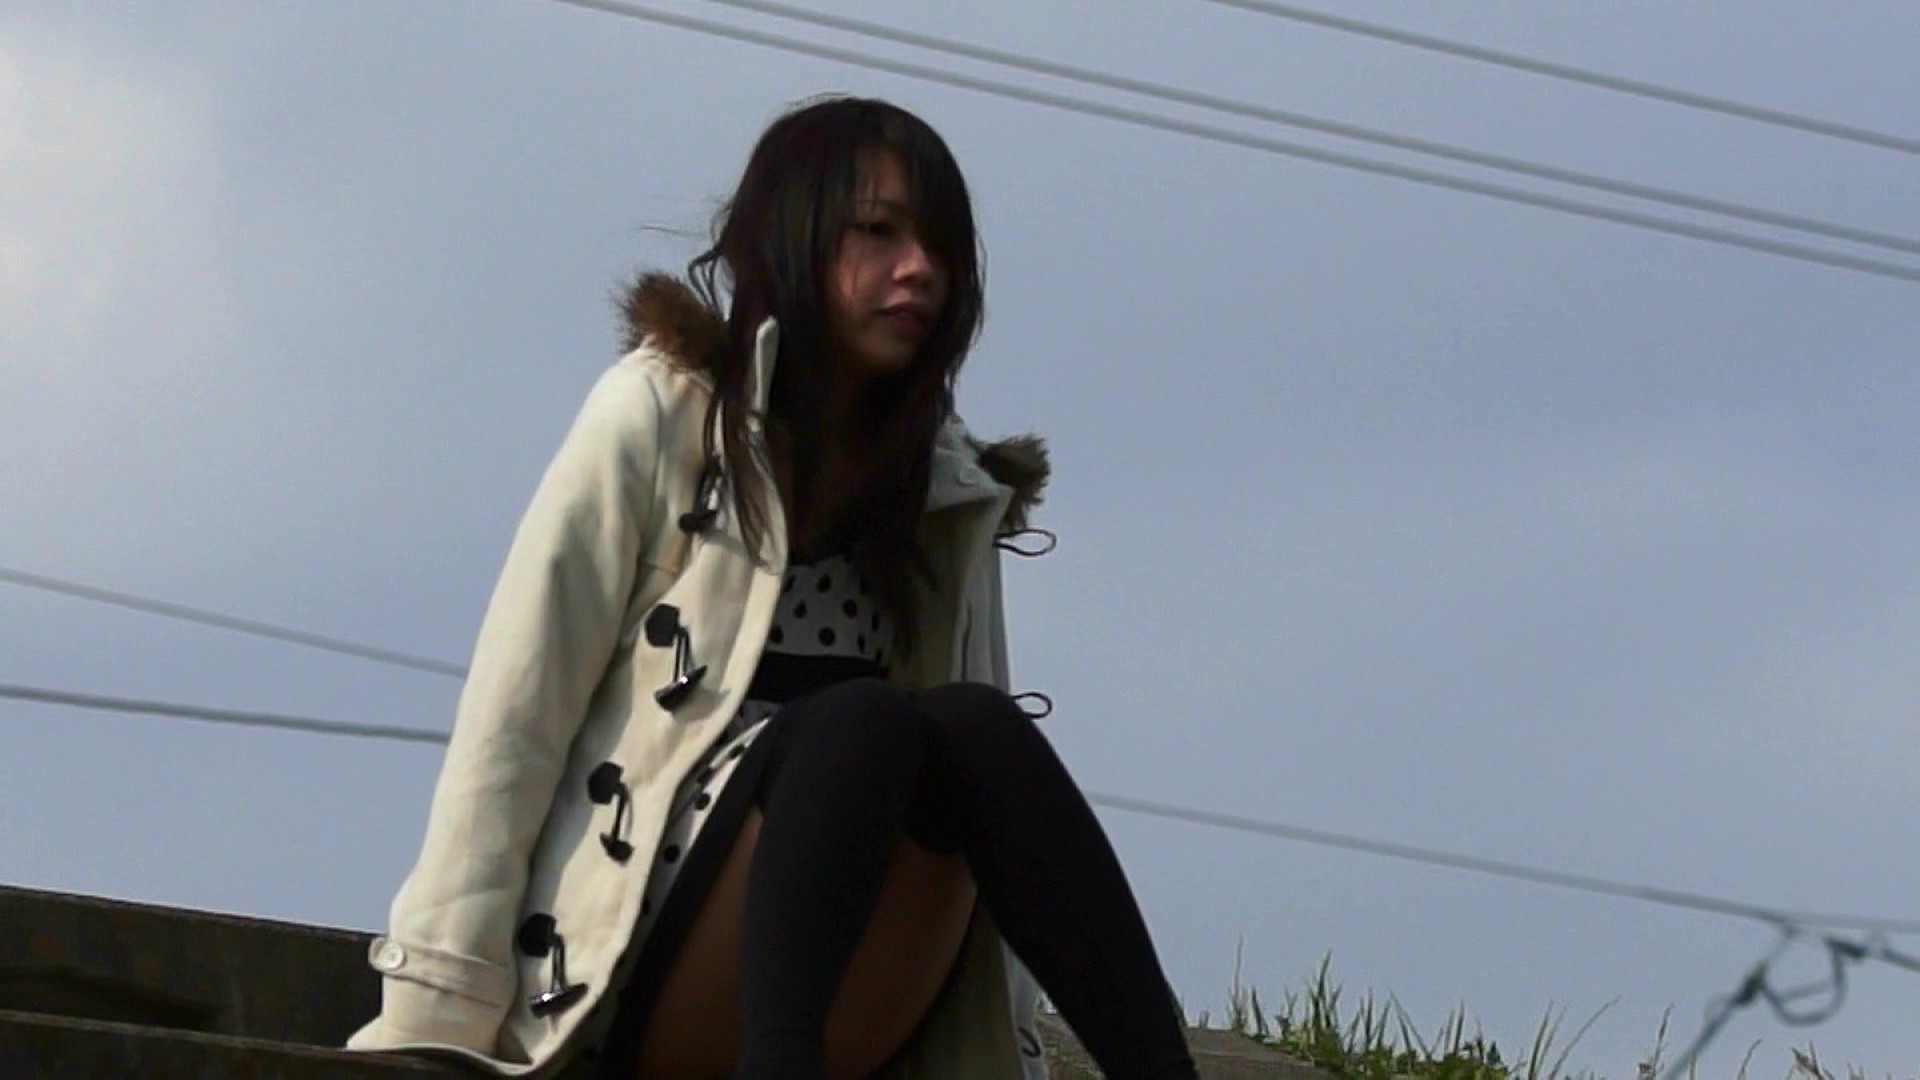 vol.2 自宅近く思い出の地で黄昏る志穂さん お姉さん攻略  83画像 42